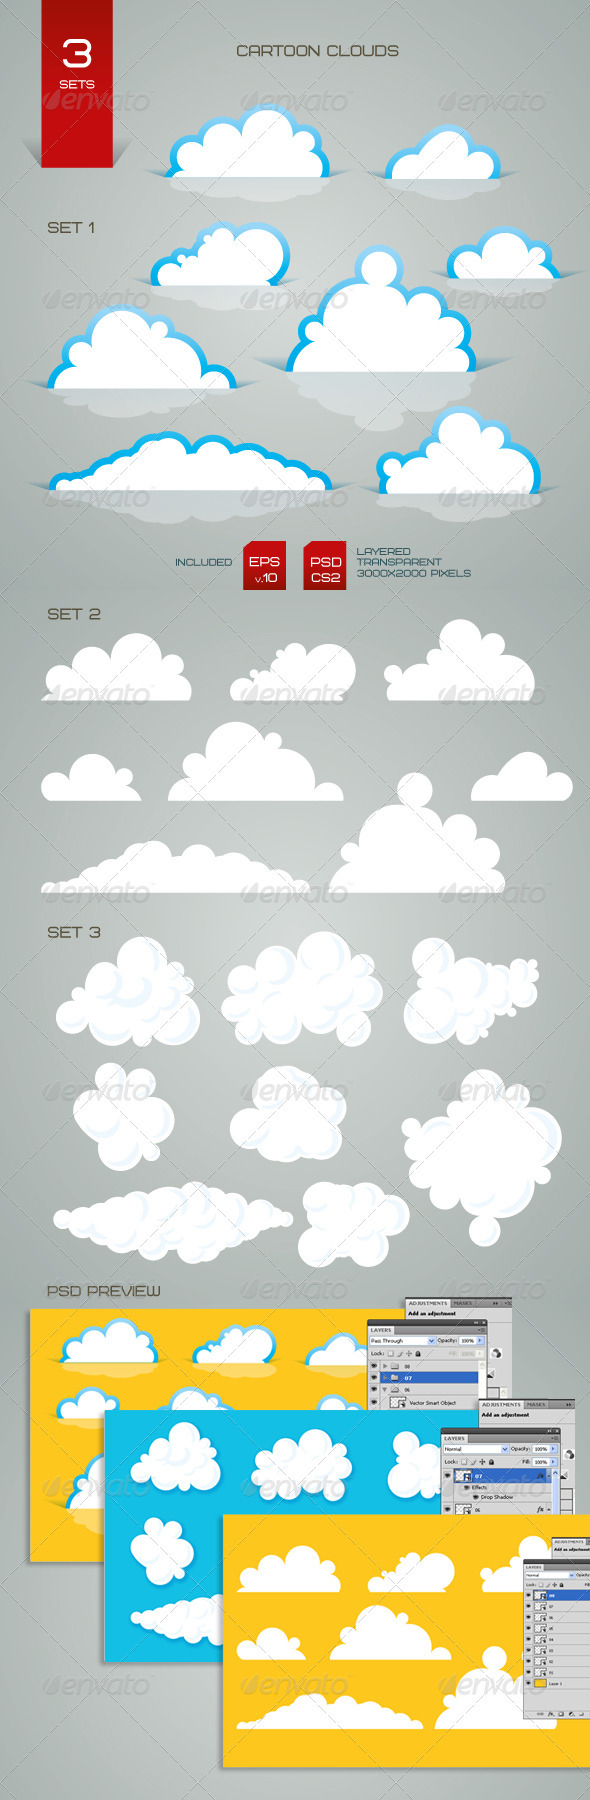 GraphicRiver Cartoon Clouds 1585989